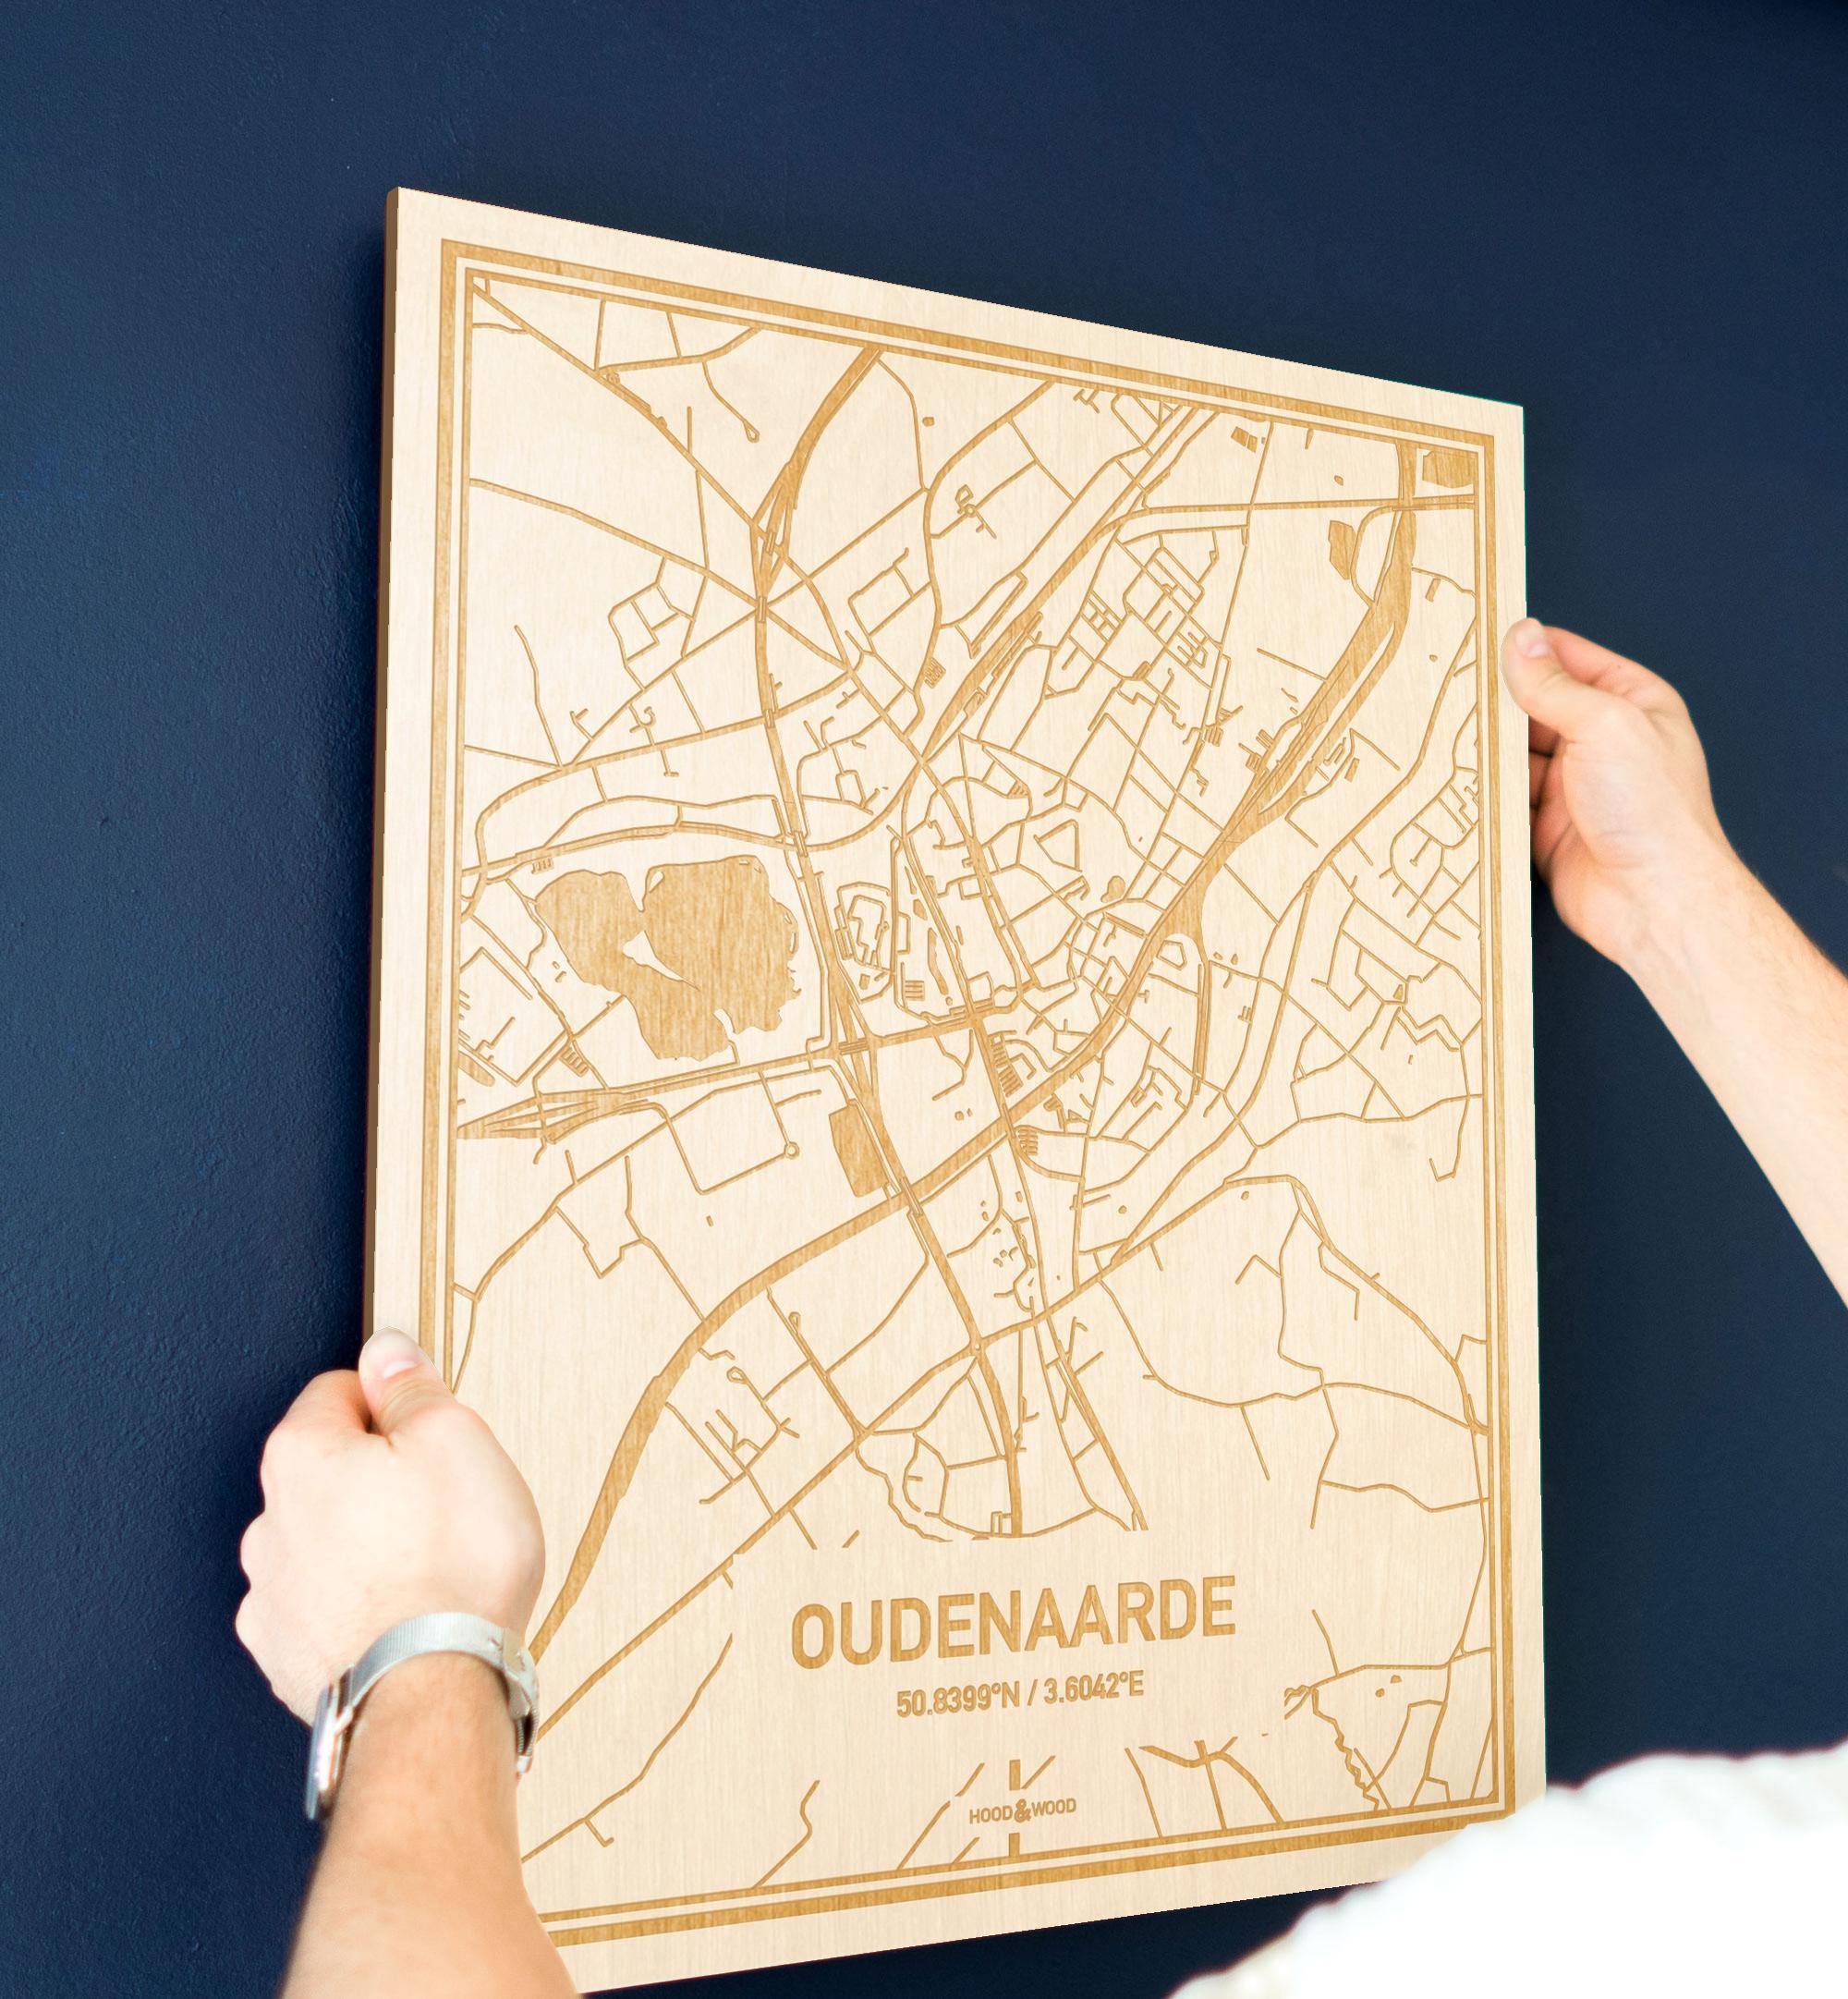 Een man hangt de houten plattegrond Oudenaarde aan zijn blauwe muur ter decoratie. Je ziet alleen zijn handen de kaart van deze originele in Oost-Vlaanderen  vasthouden.